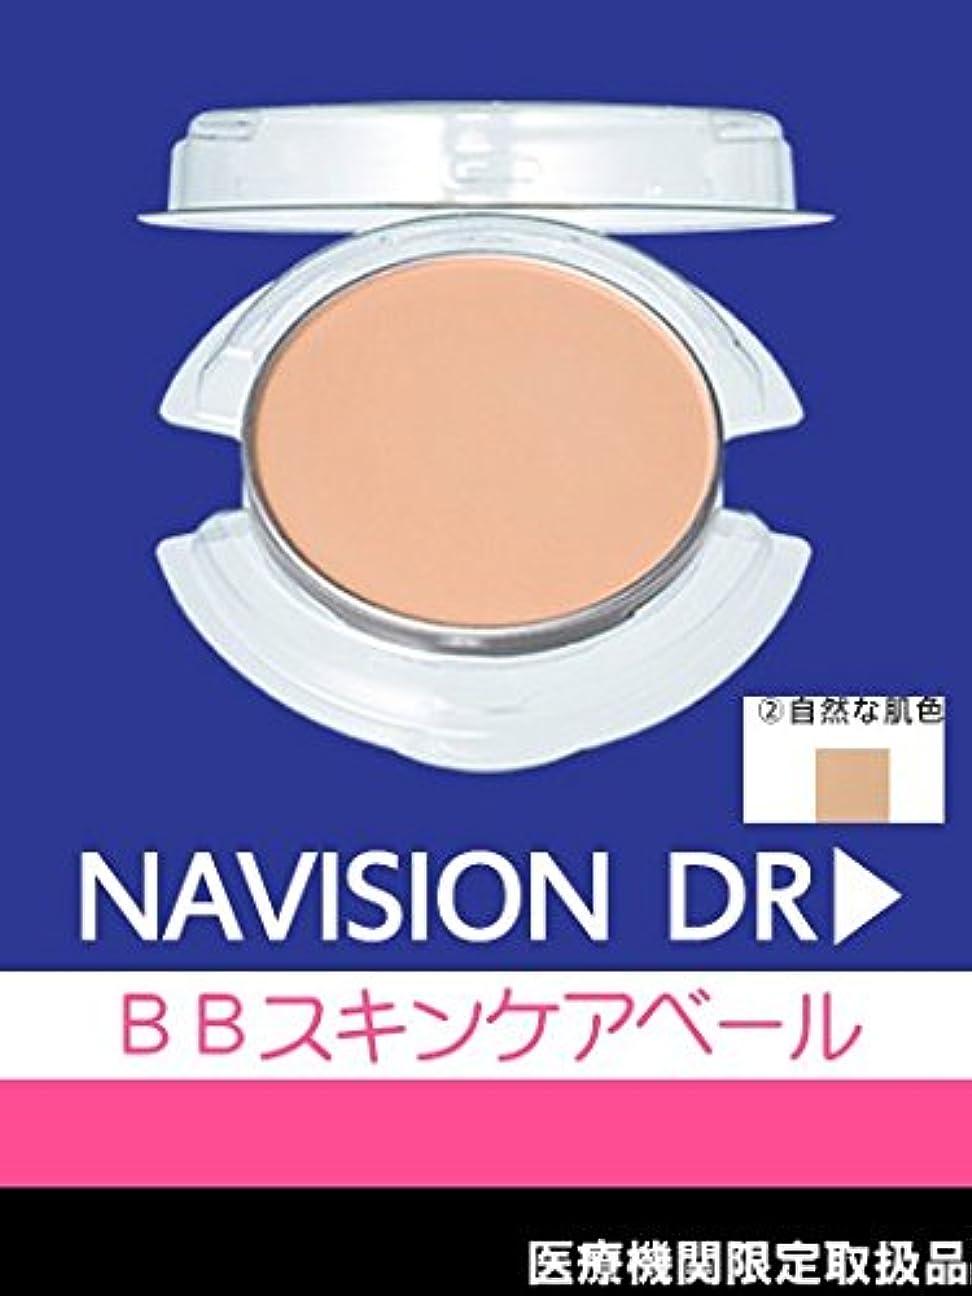 後ろに妥協彼女自身NAVISION DR? ナビジョンDR BBスキンケアベール ②自然な肌色(レフィルのみ)9.5g【医療機関限定取扱品】